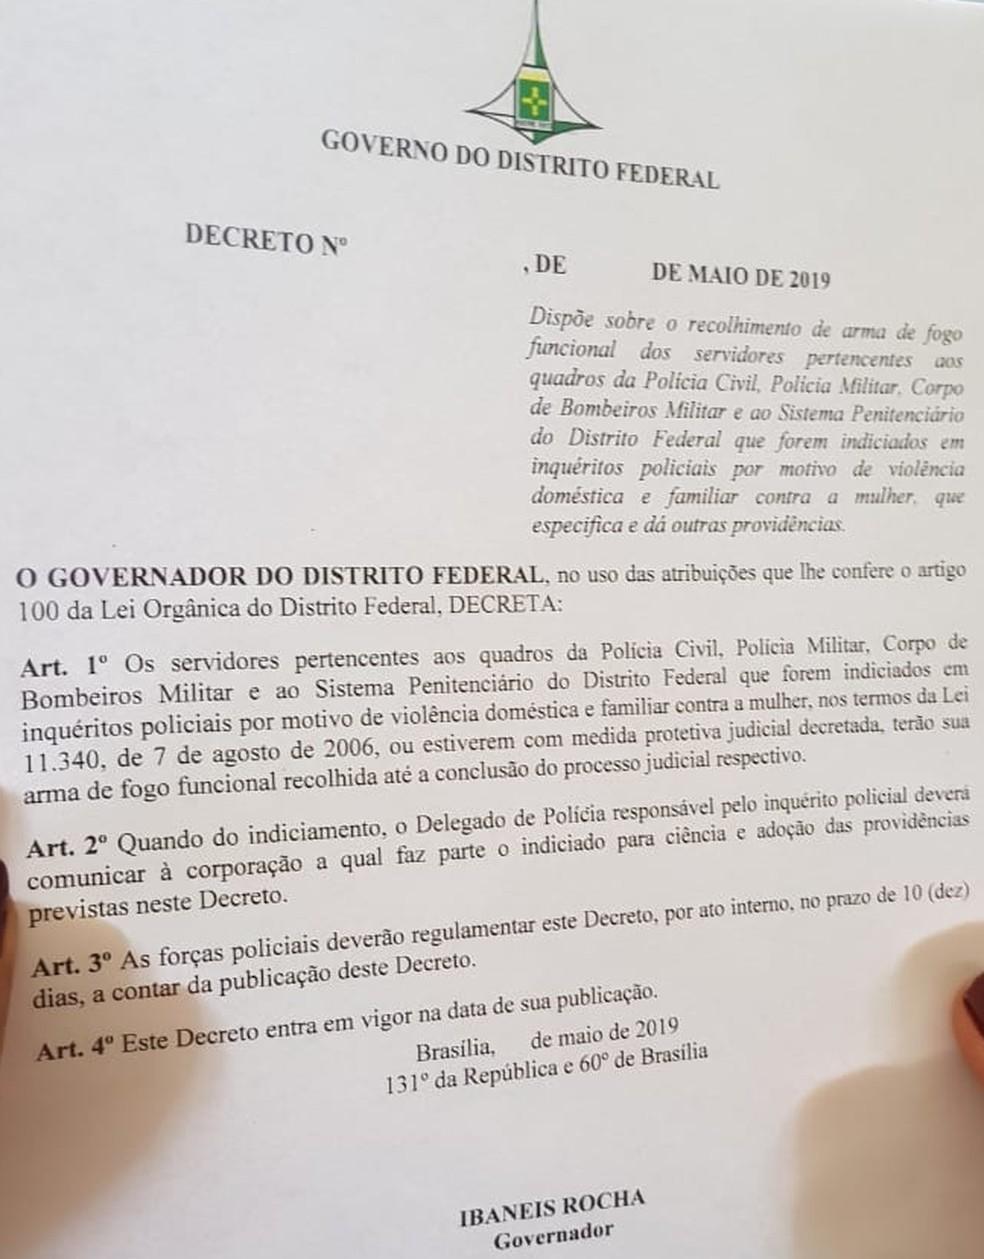 Deecreto determina recolhimento de armas de fogo de servidores, militares e civis, indiciados pela Lei Maria da Penha — Foto: Arquivo pessoal